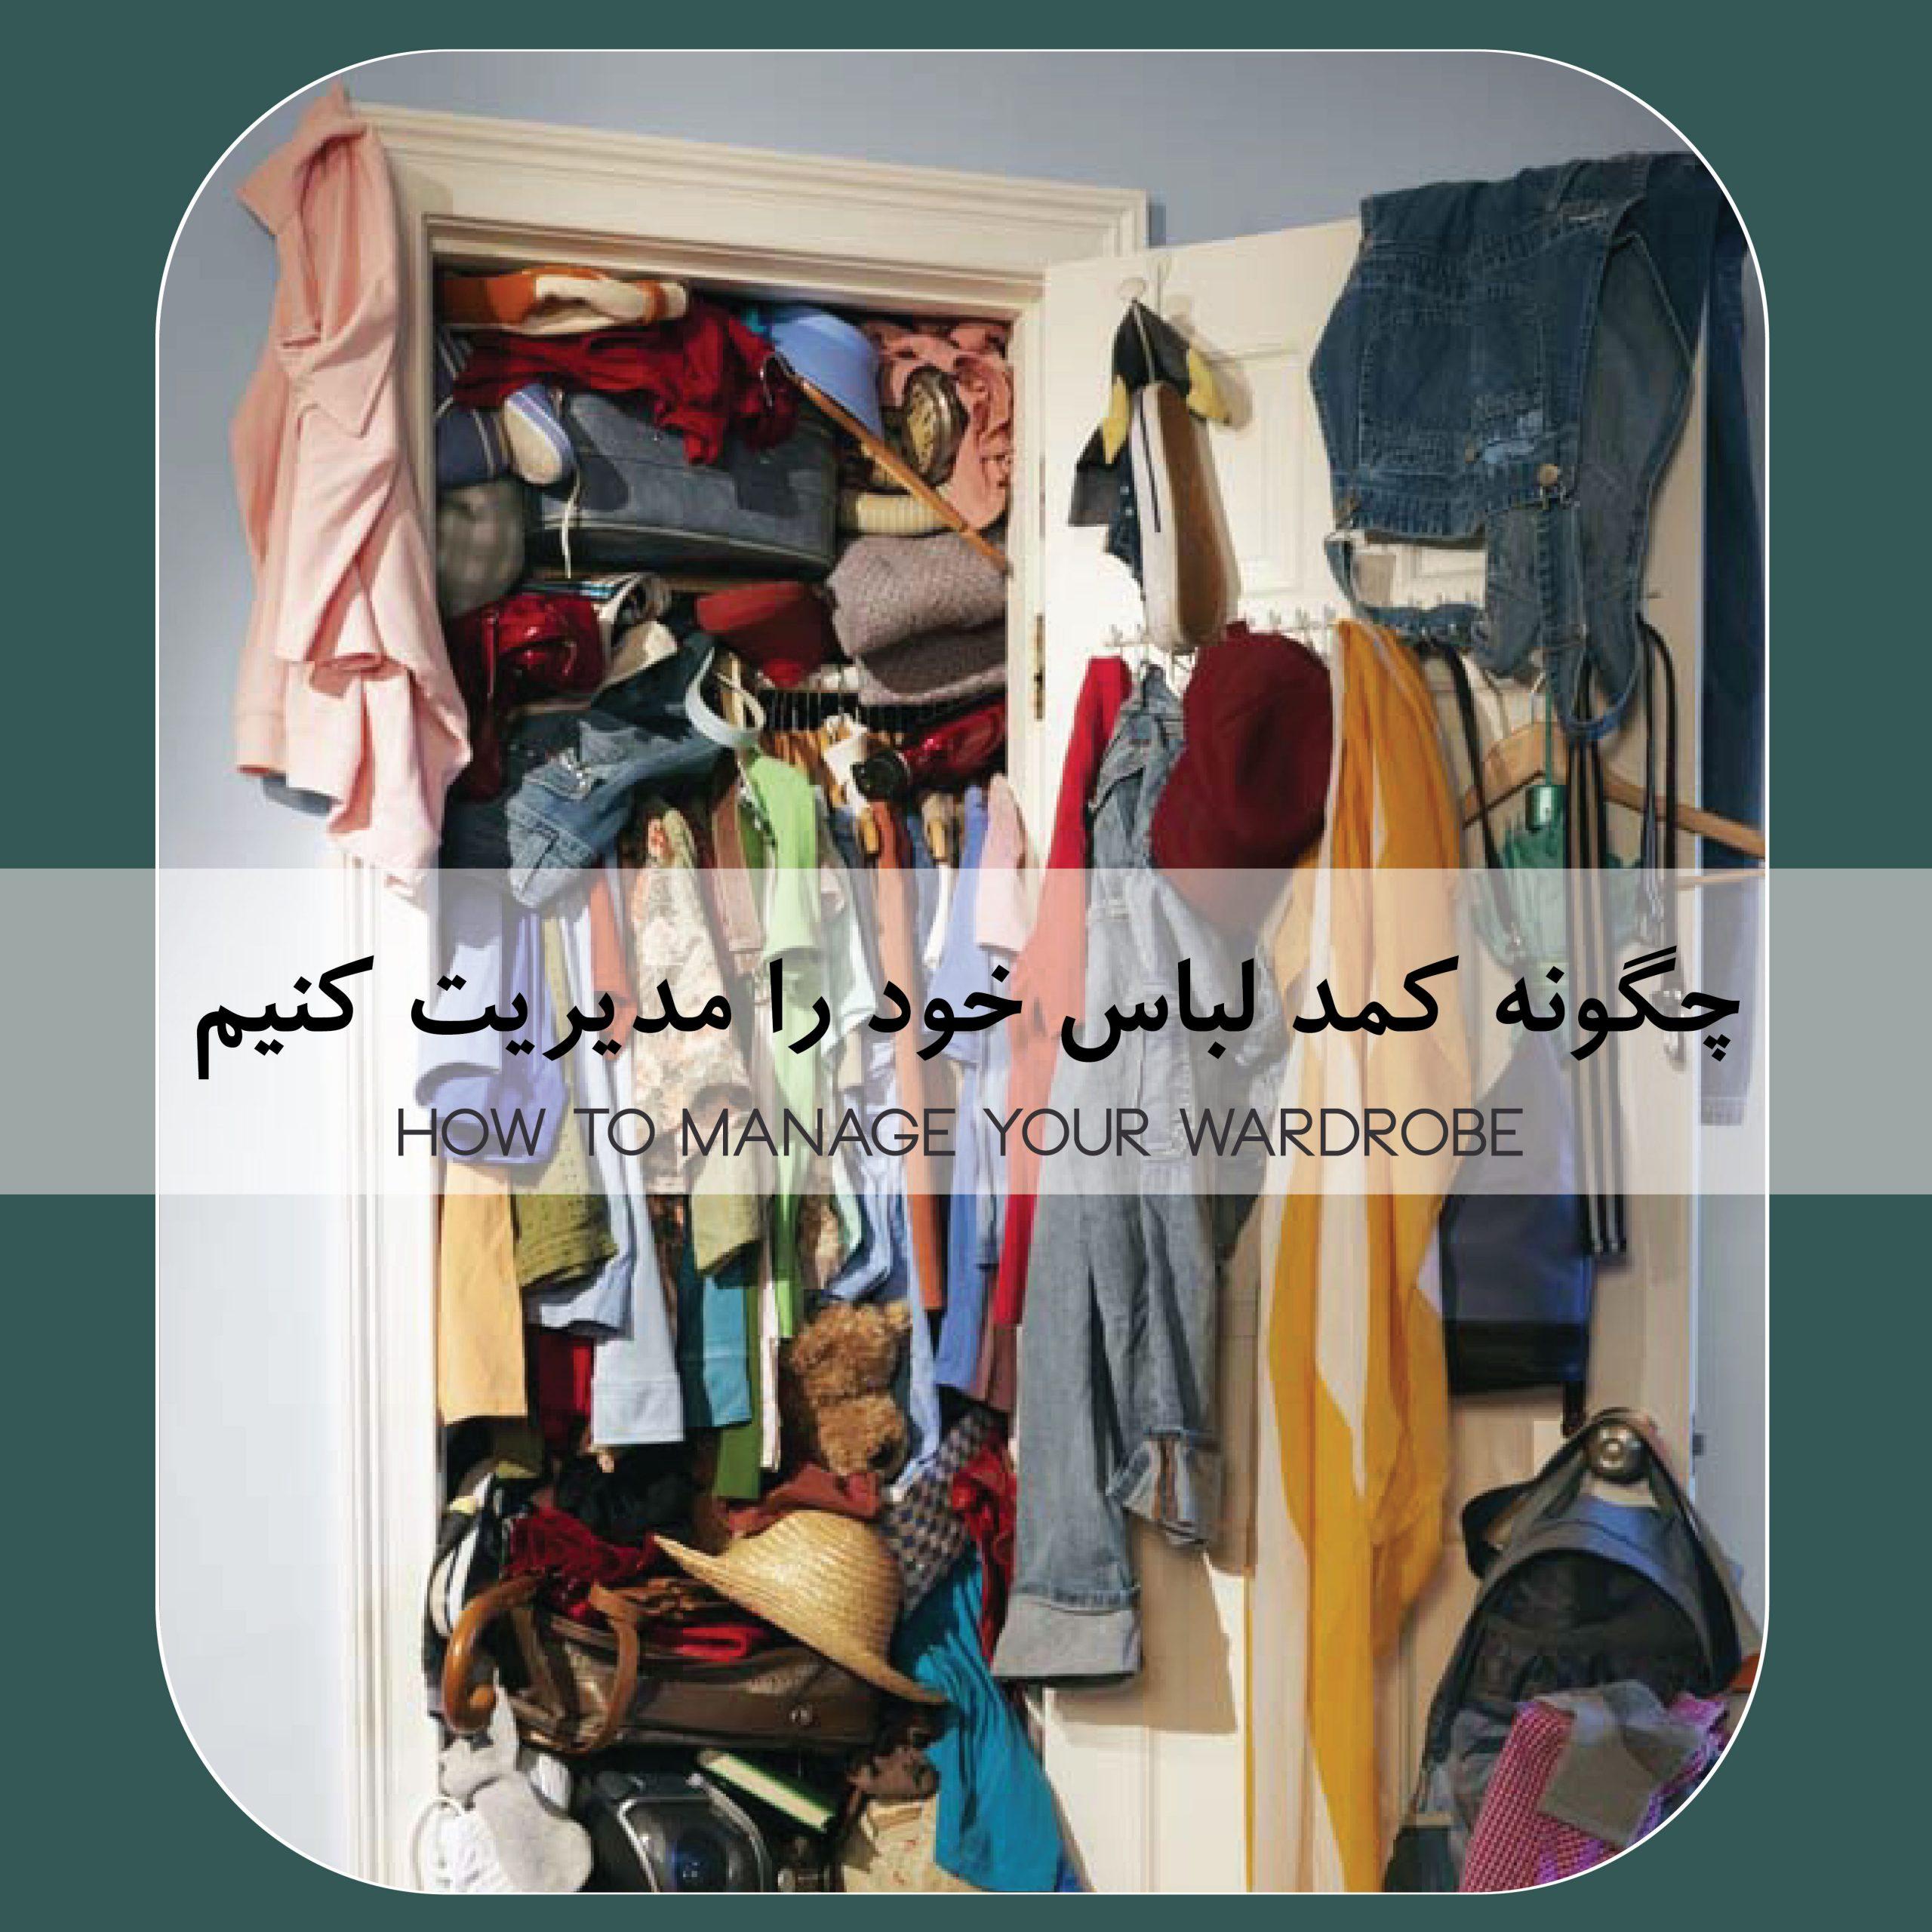 چگونه کمد لباس خود را مدیریت کنیم. راهنمایی برای مرتب سازی لباس ها.